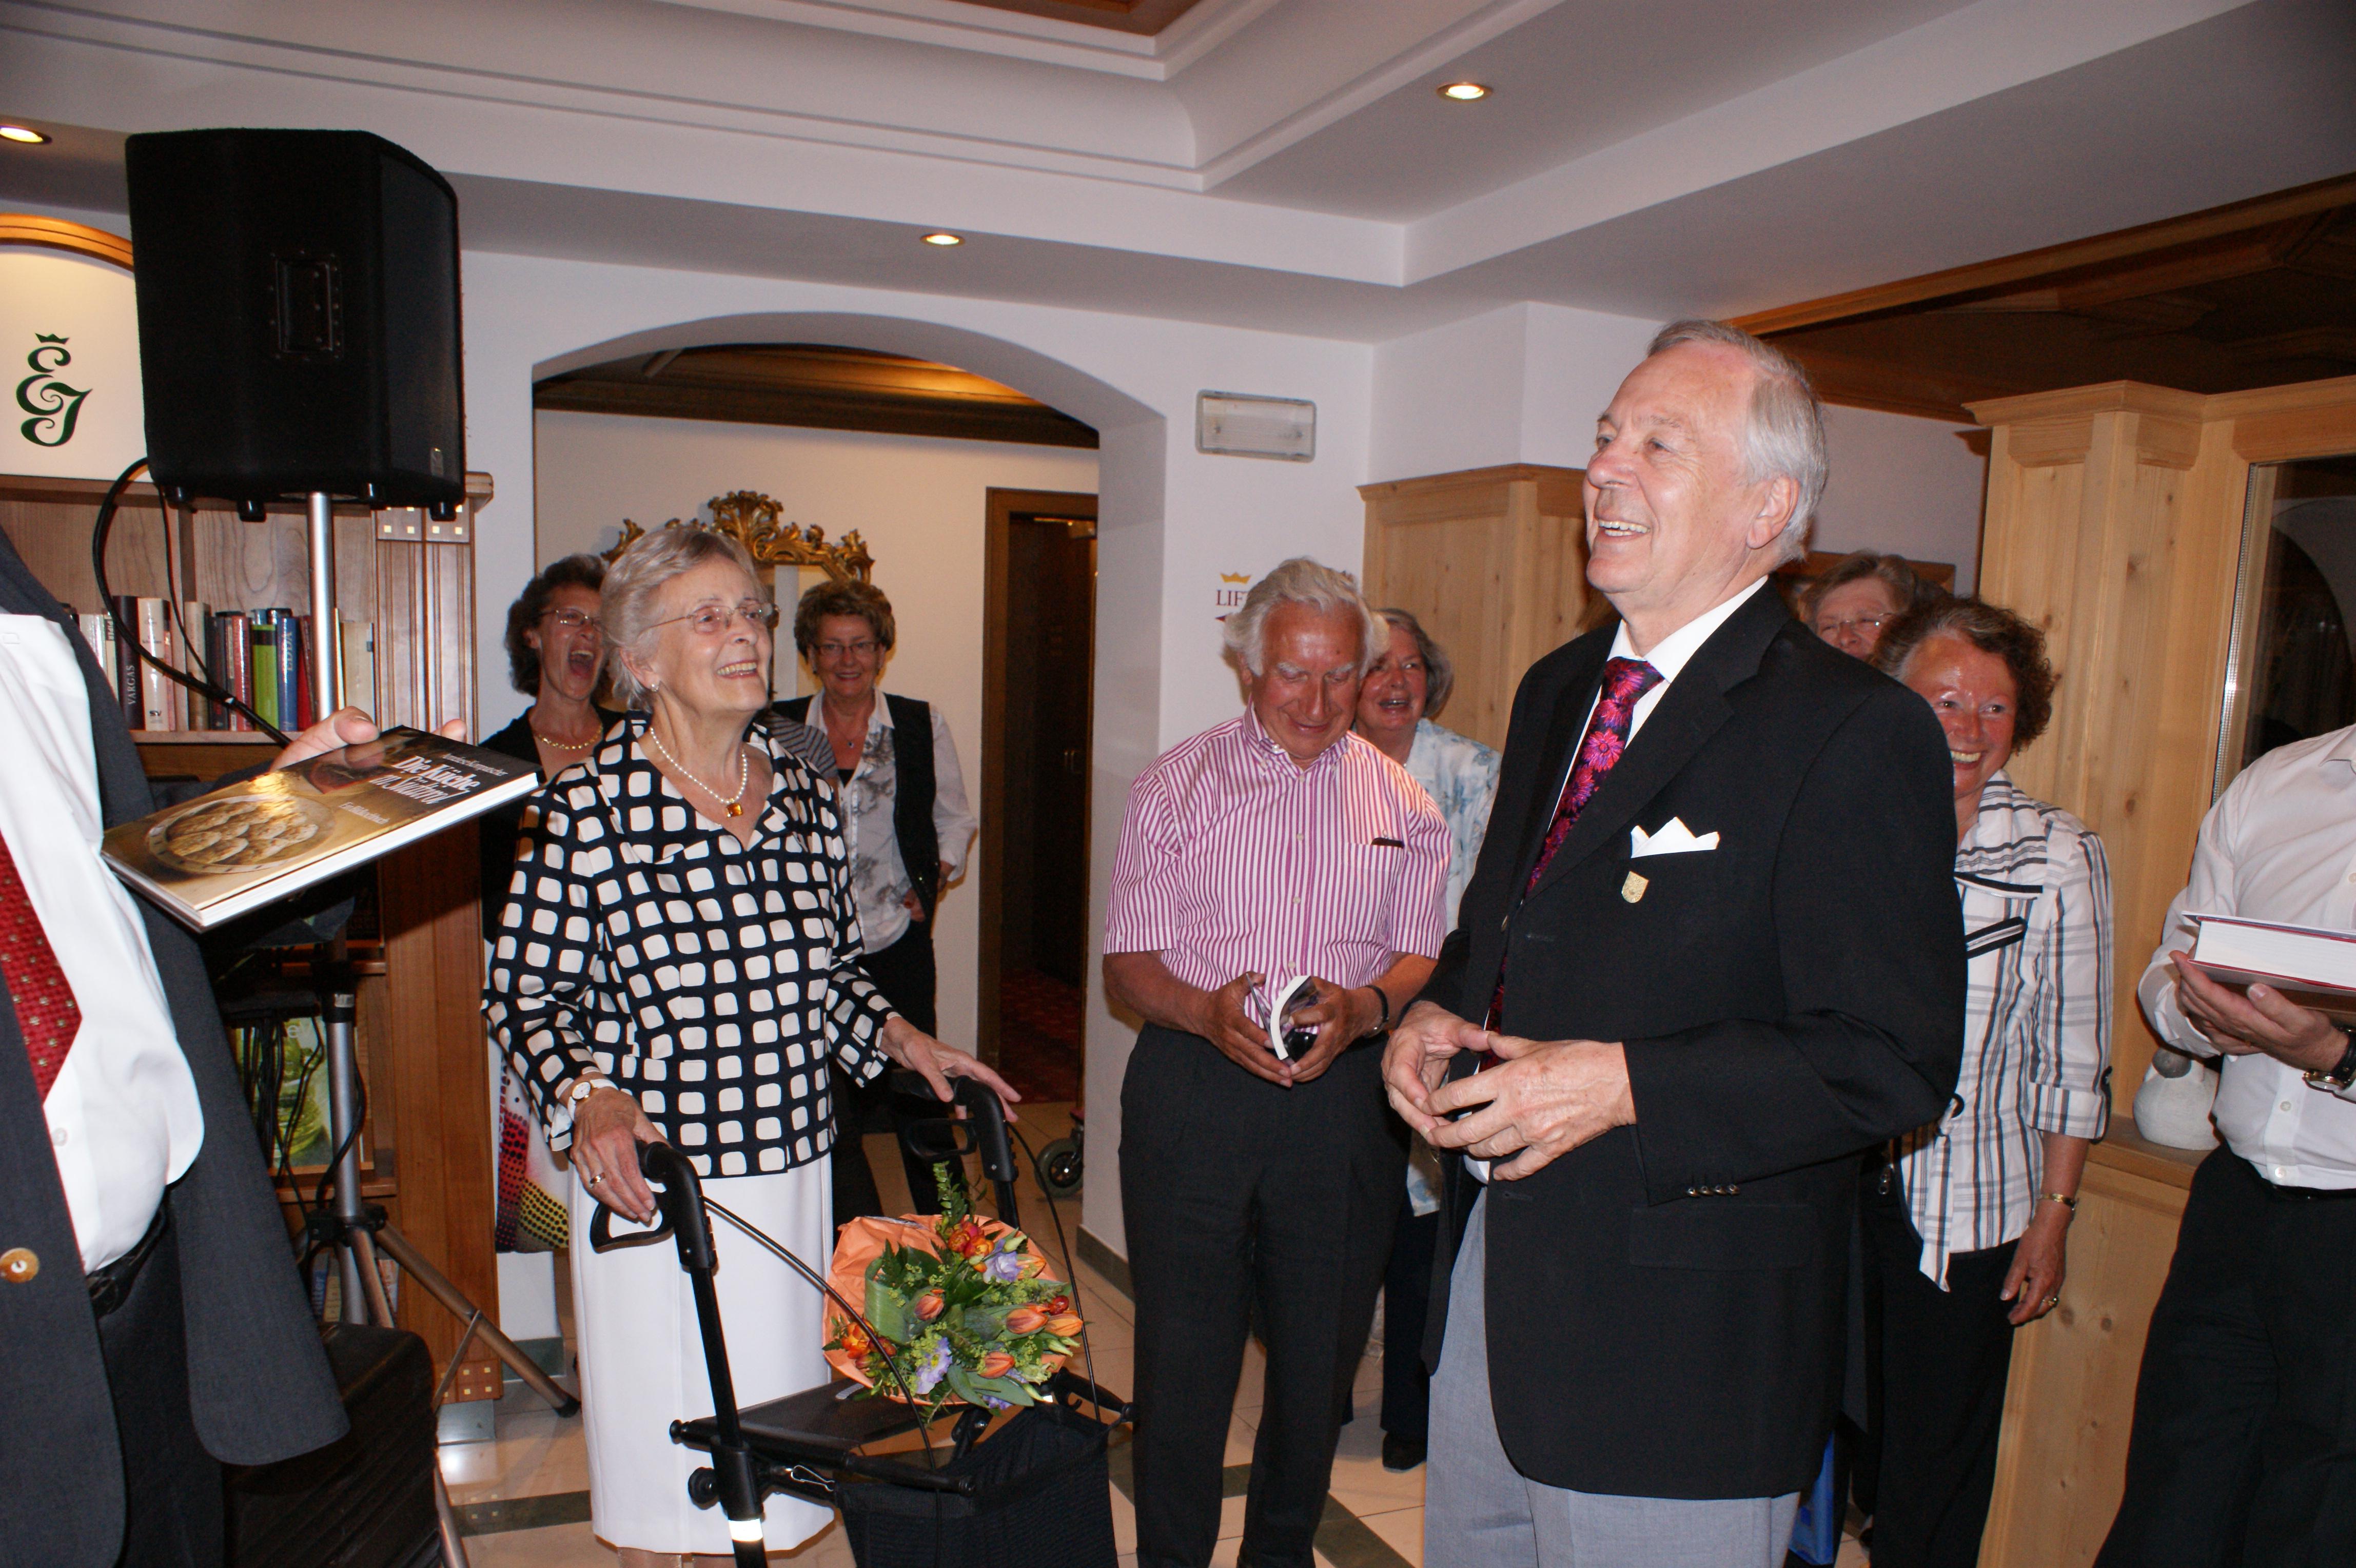 Fam. Kulla: 30 Jahre Gast im Erzherzog Johann